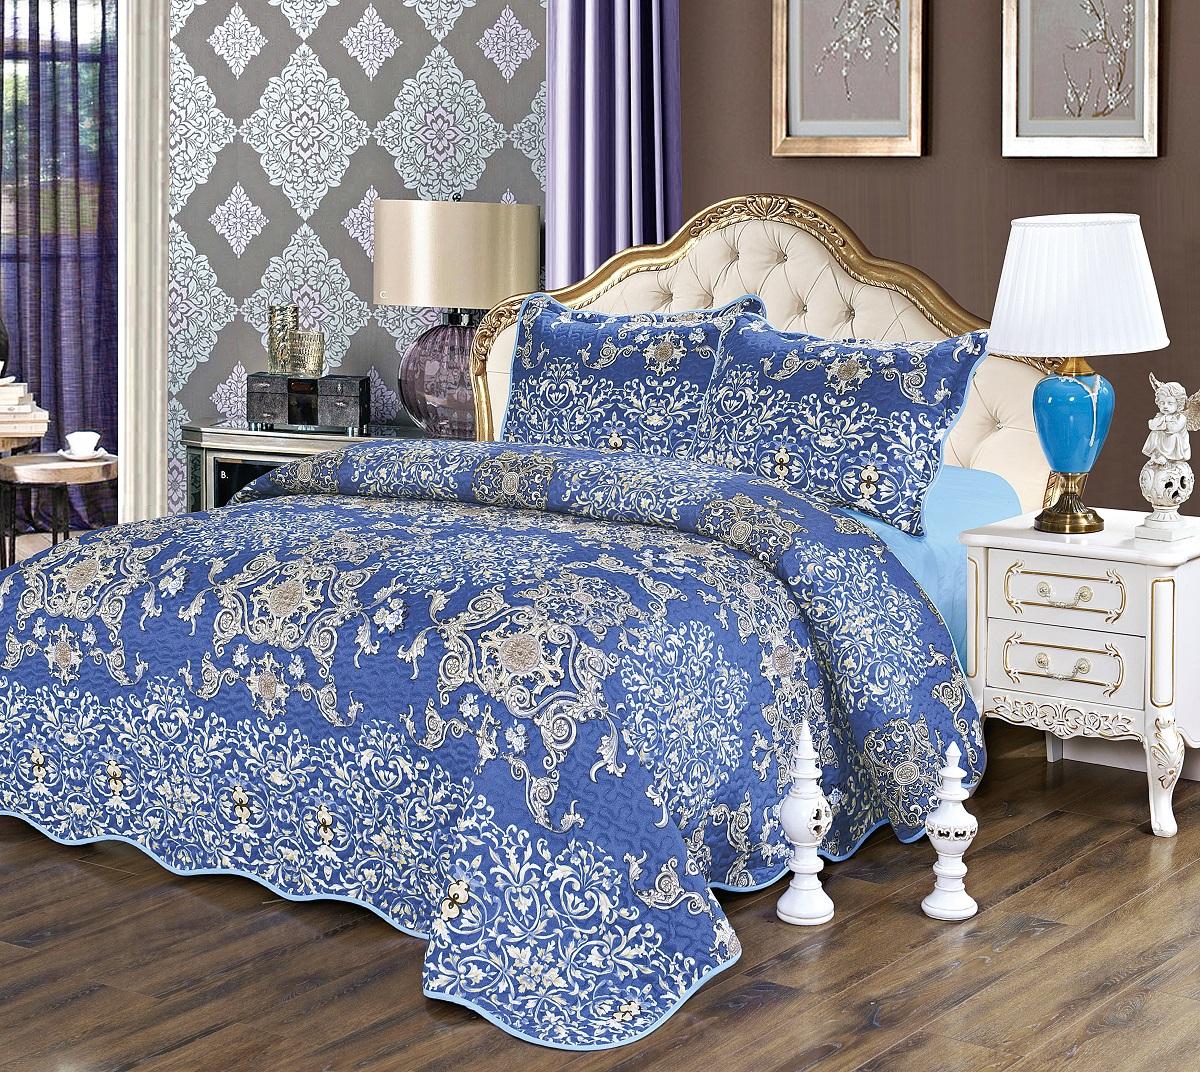 Комплект для спальни Karna Gretal: покрывало 230 х 250 см, 2 наволочки 50 х 70 см, цвет: royal6006